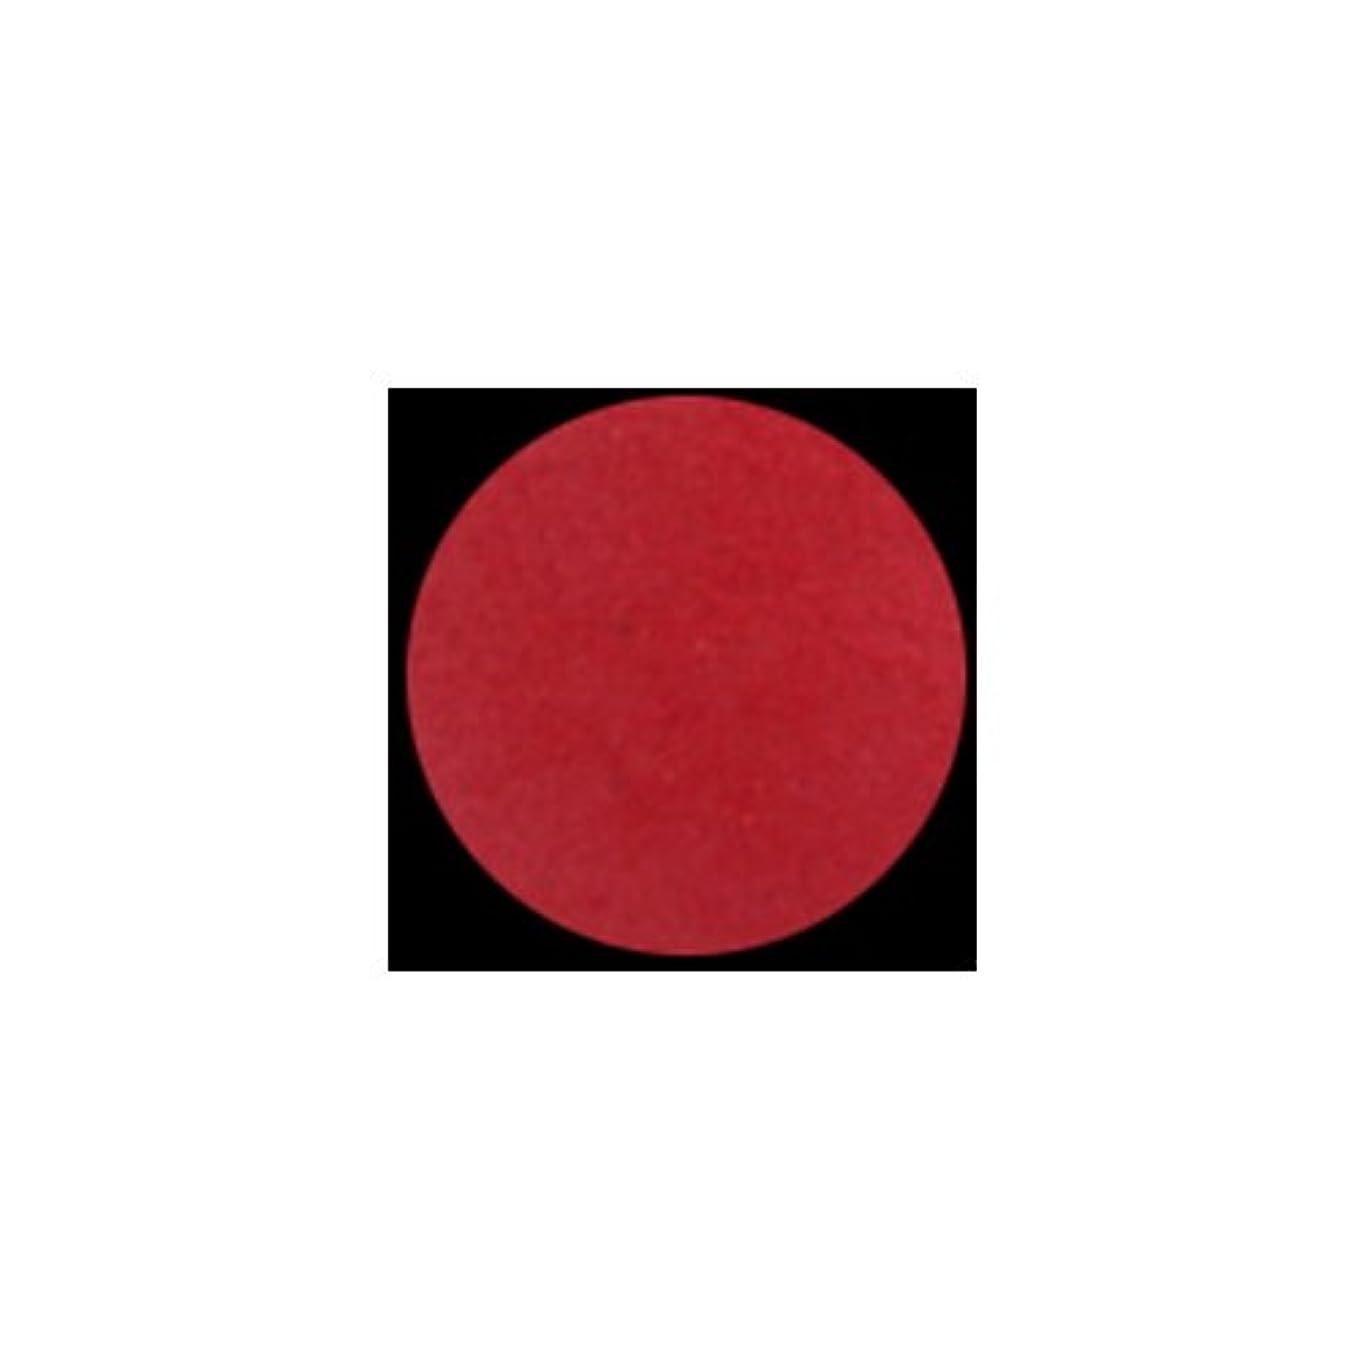 シャット予備塩KLEANCOLOR American Eyedol (Wet/Dry Baked Eyeshadow) - Matte Maple (並行輸入品)